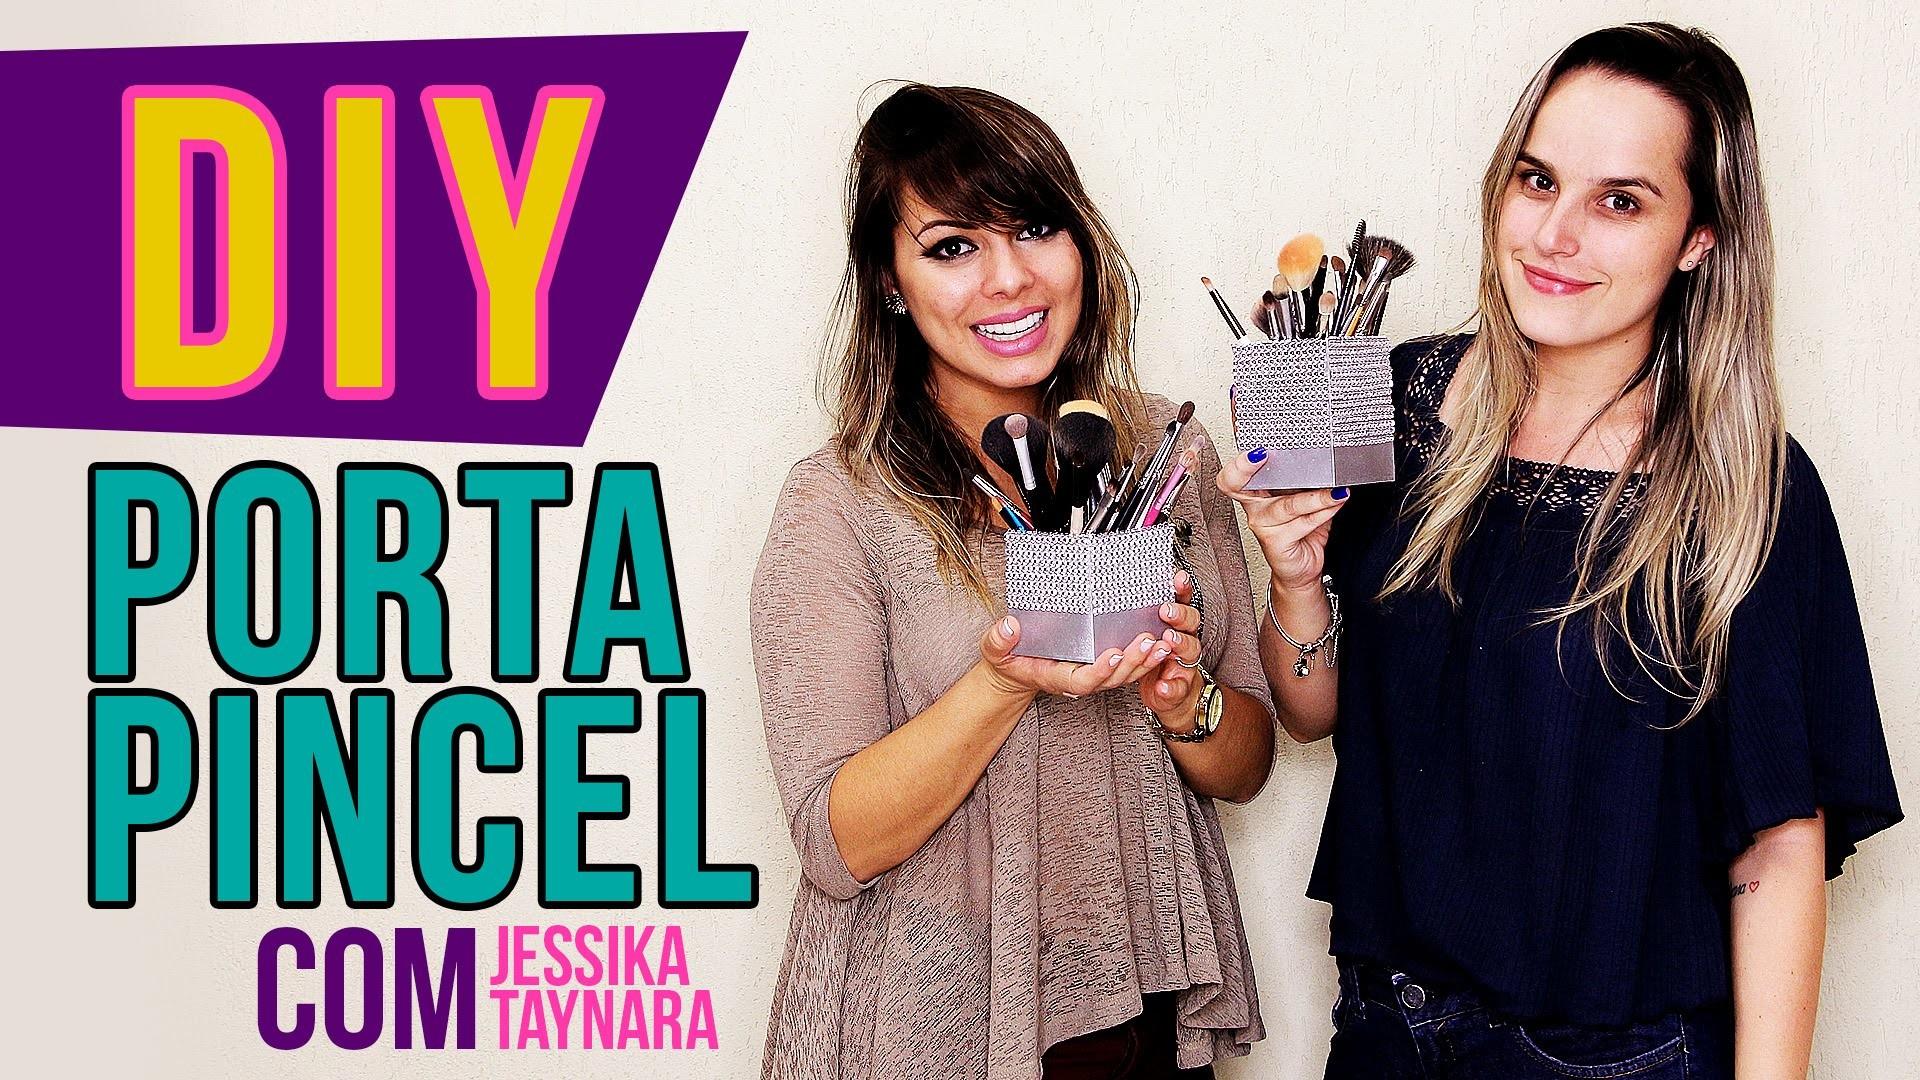 DIY. Faça Vc Mesmo Porta Pincel de Maquiagem com Jéssika Taynara